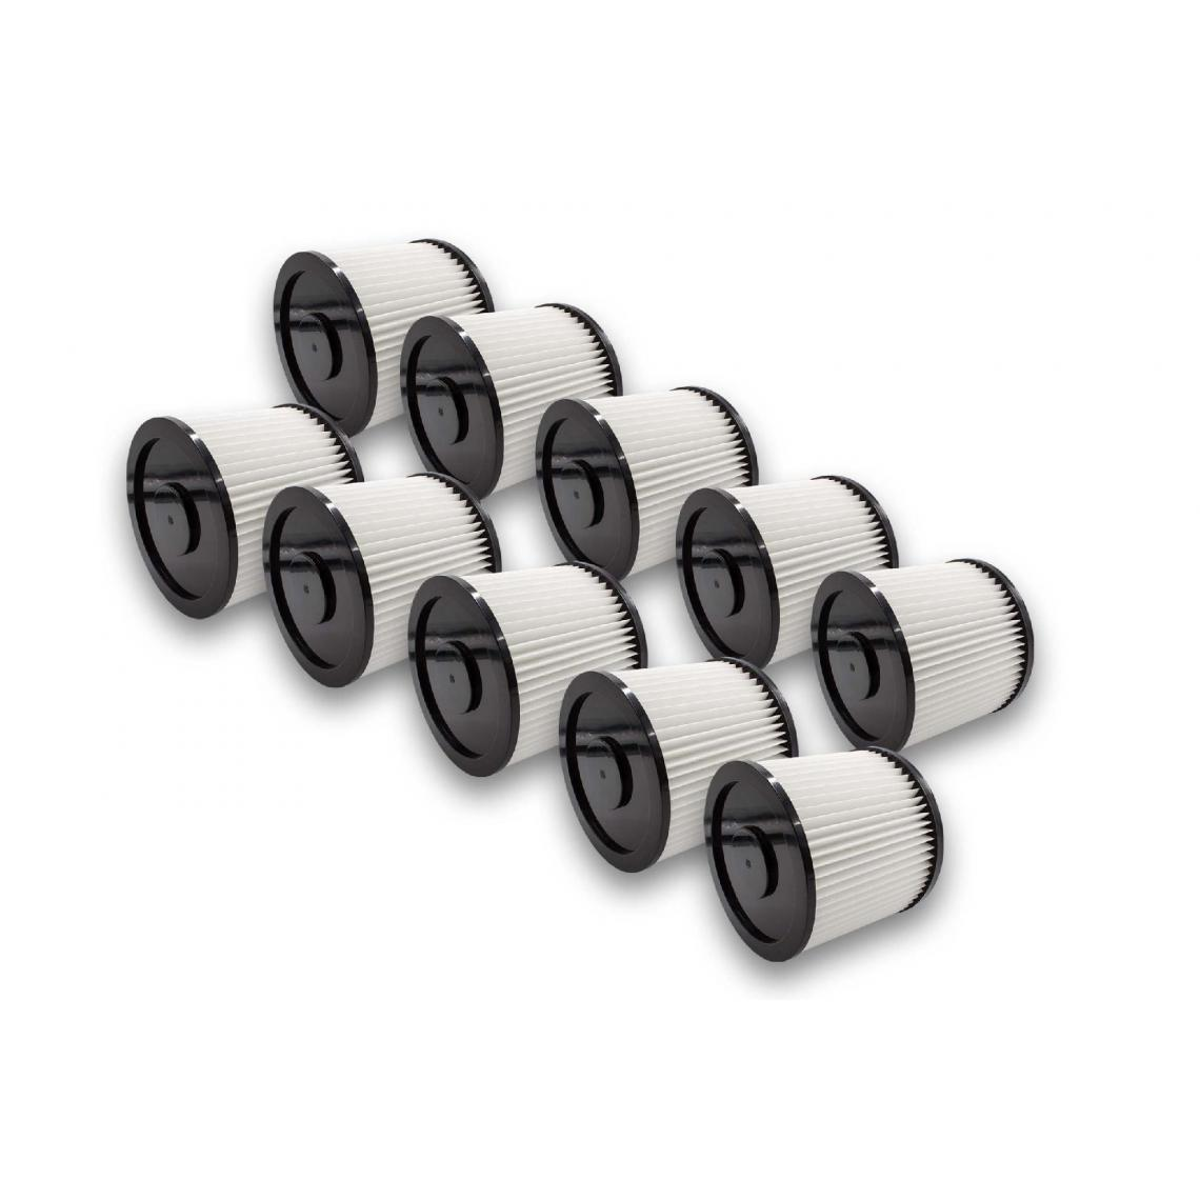 Vhbw vhbw 10x filtres ronds pour aspirateur multifonctions compatible avec Kärcher NT 221, NT221 remplacement pour 6.904-042.